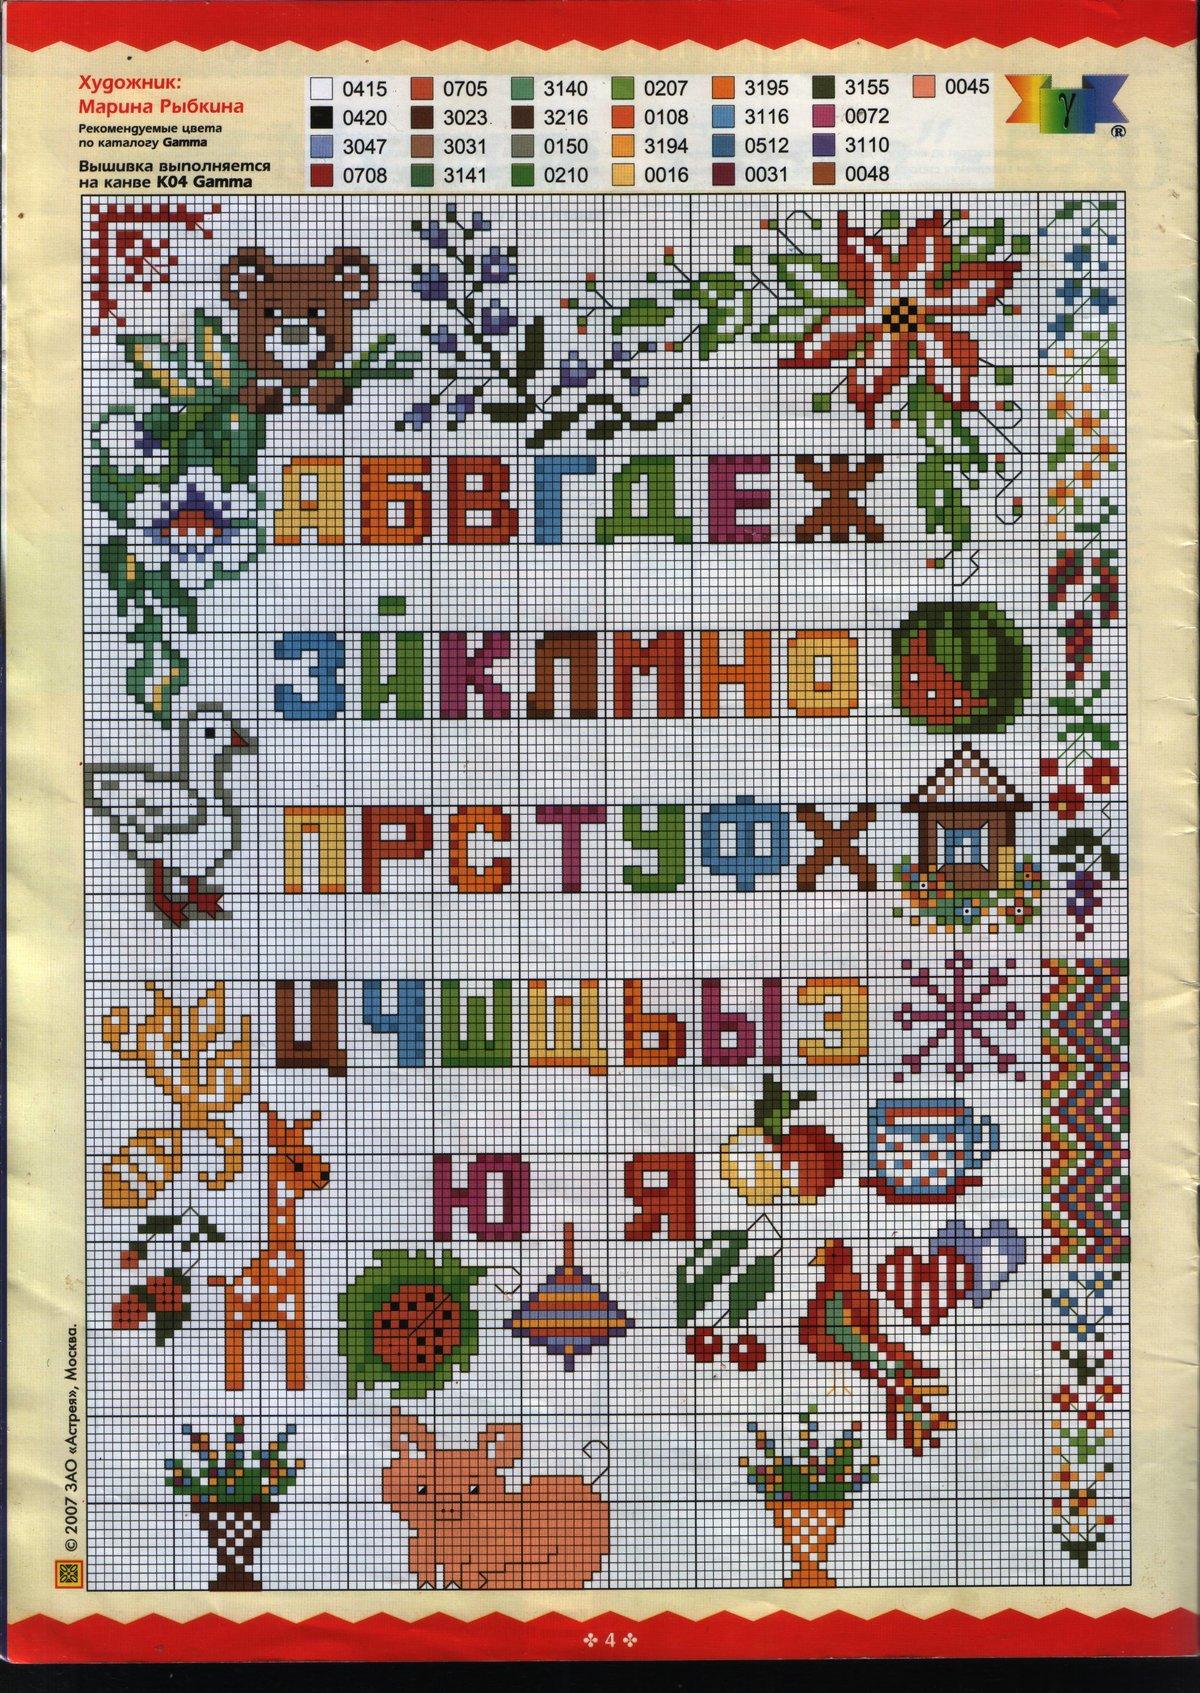 Вышивание крестиком схема алфавита